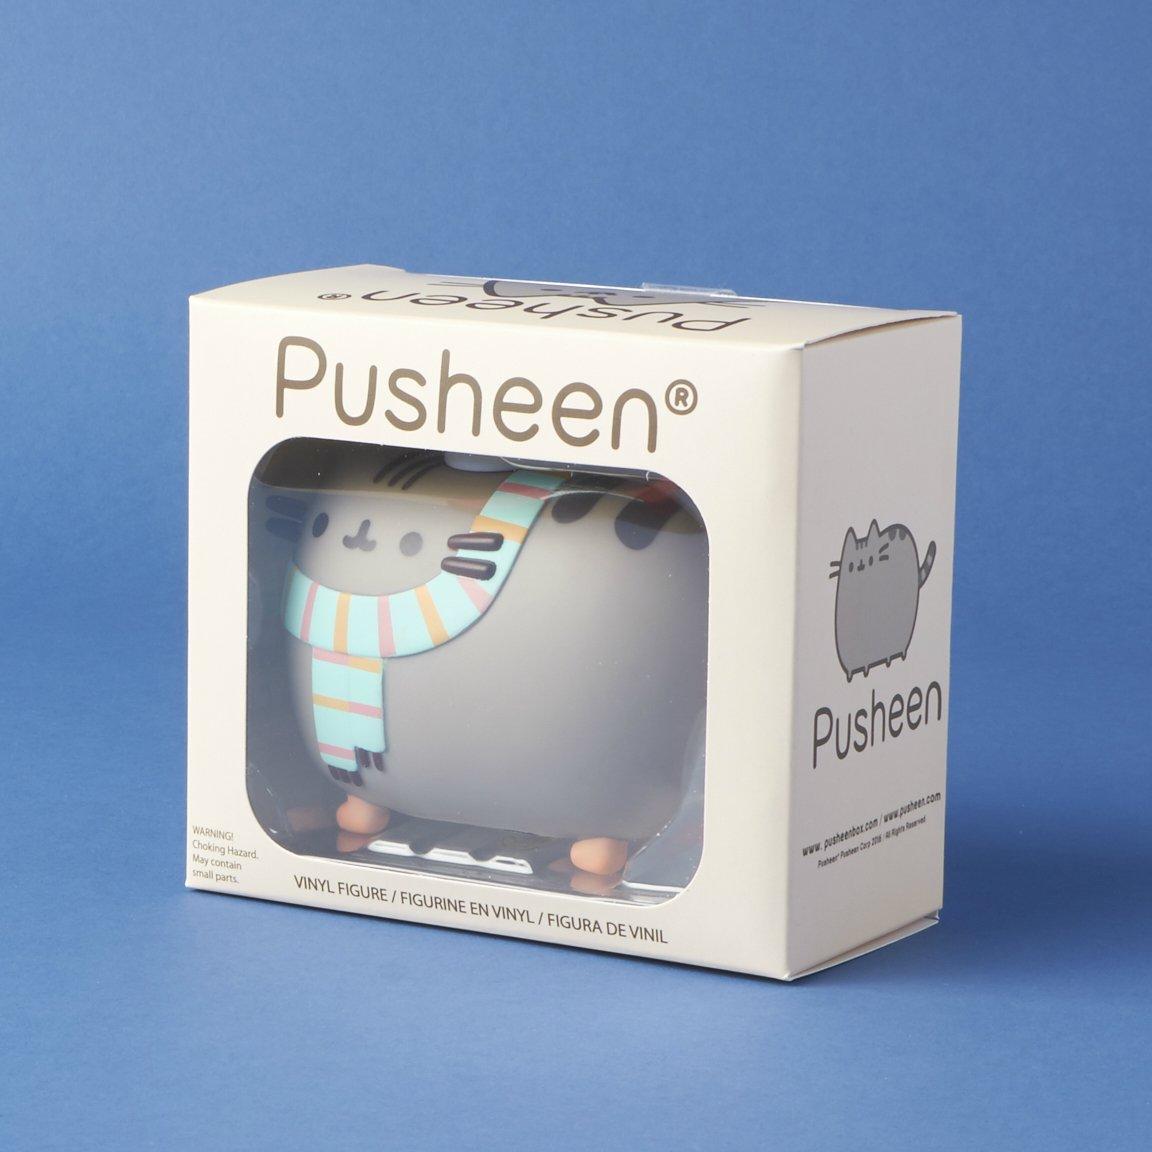 pusheen-box-winter-2016-0018